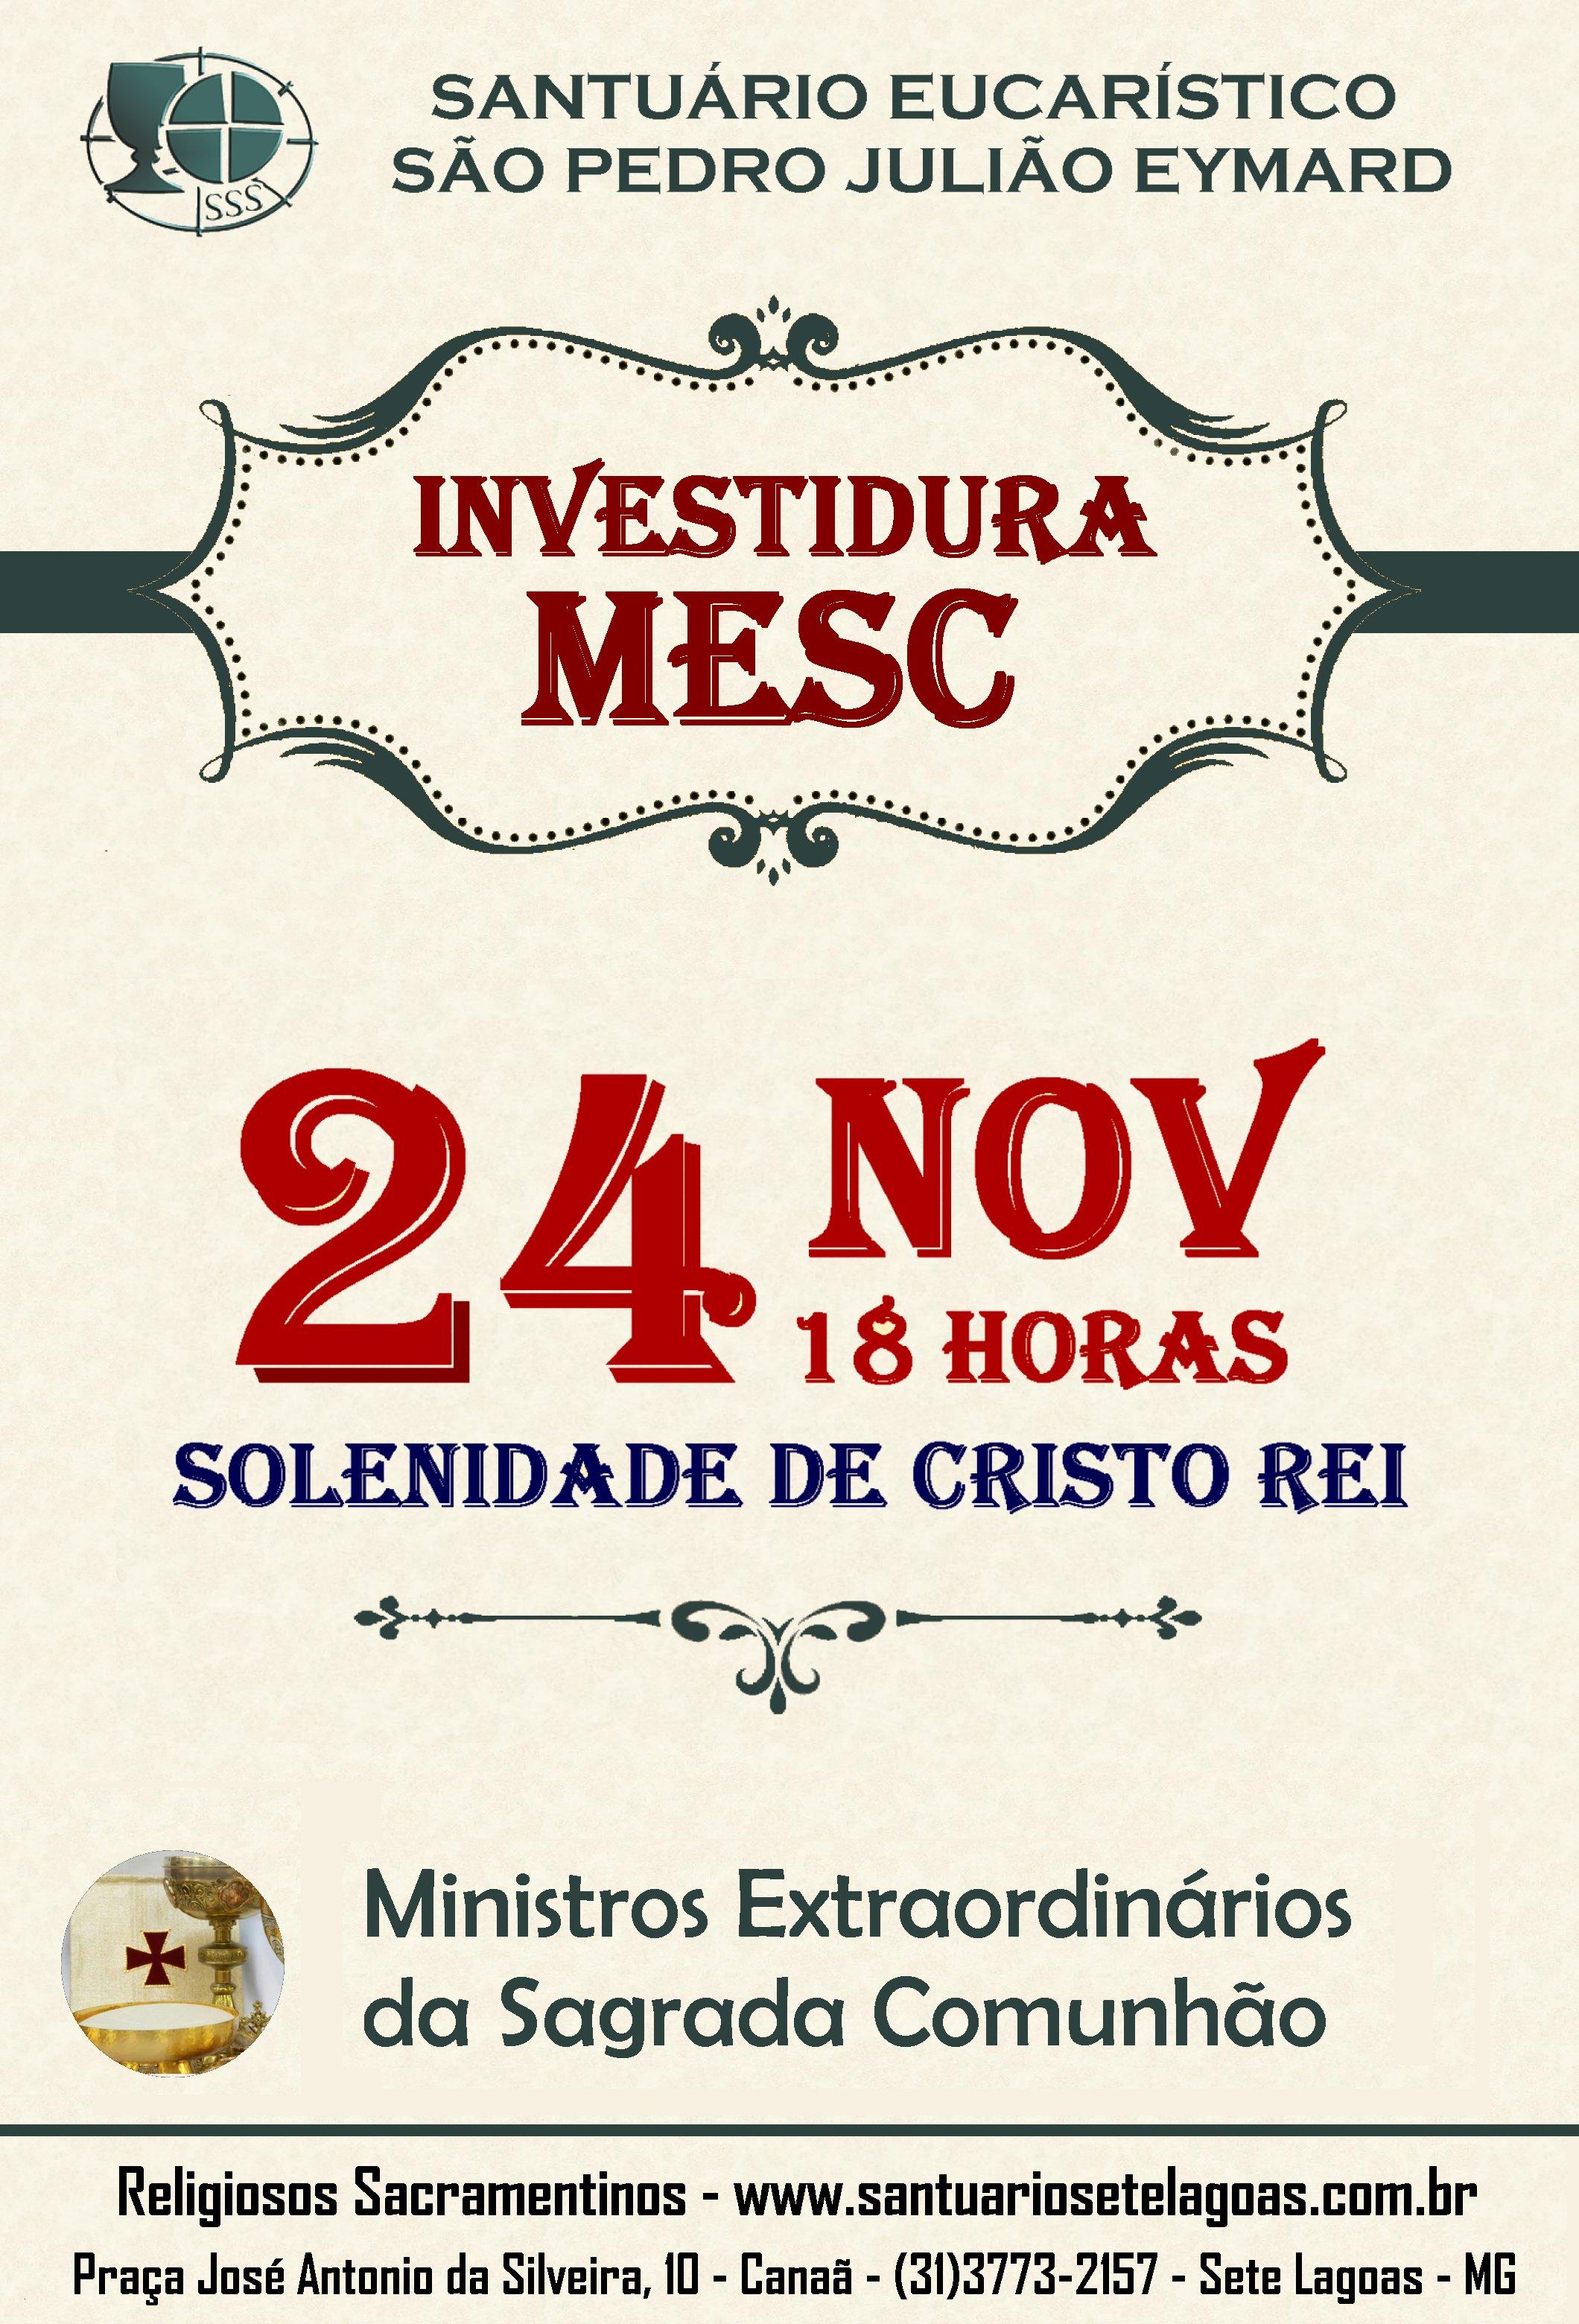 Investidura de novos Ministros Extraordinários da Sagrada Comunhão – MESC dia 24/11